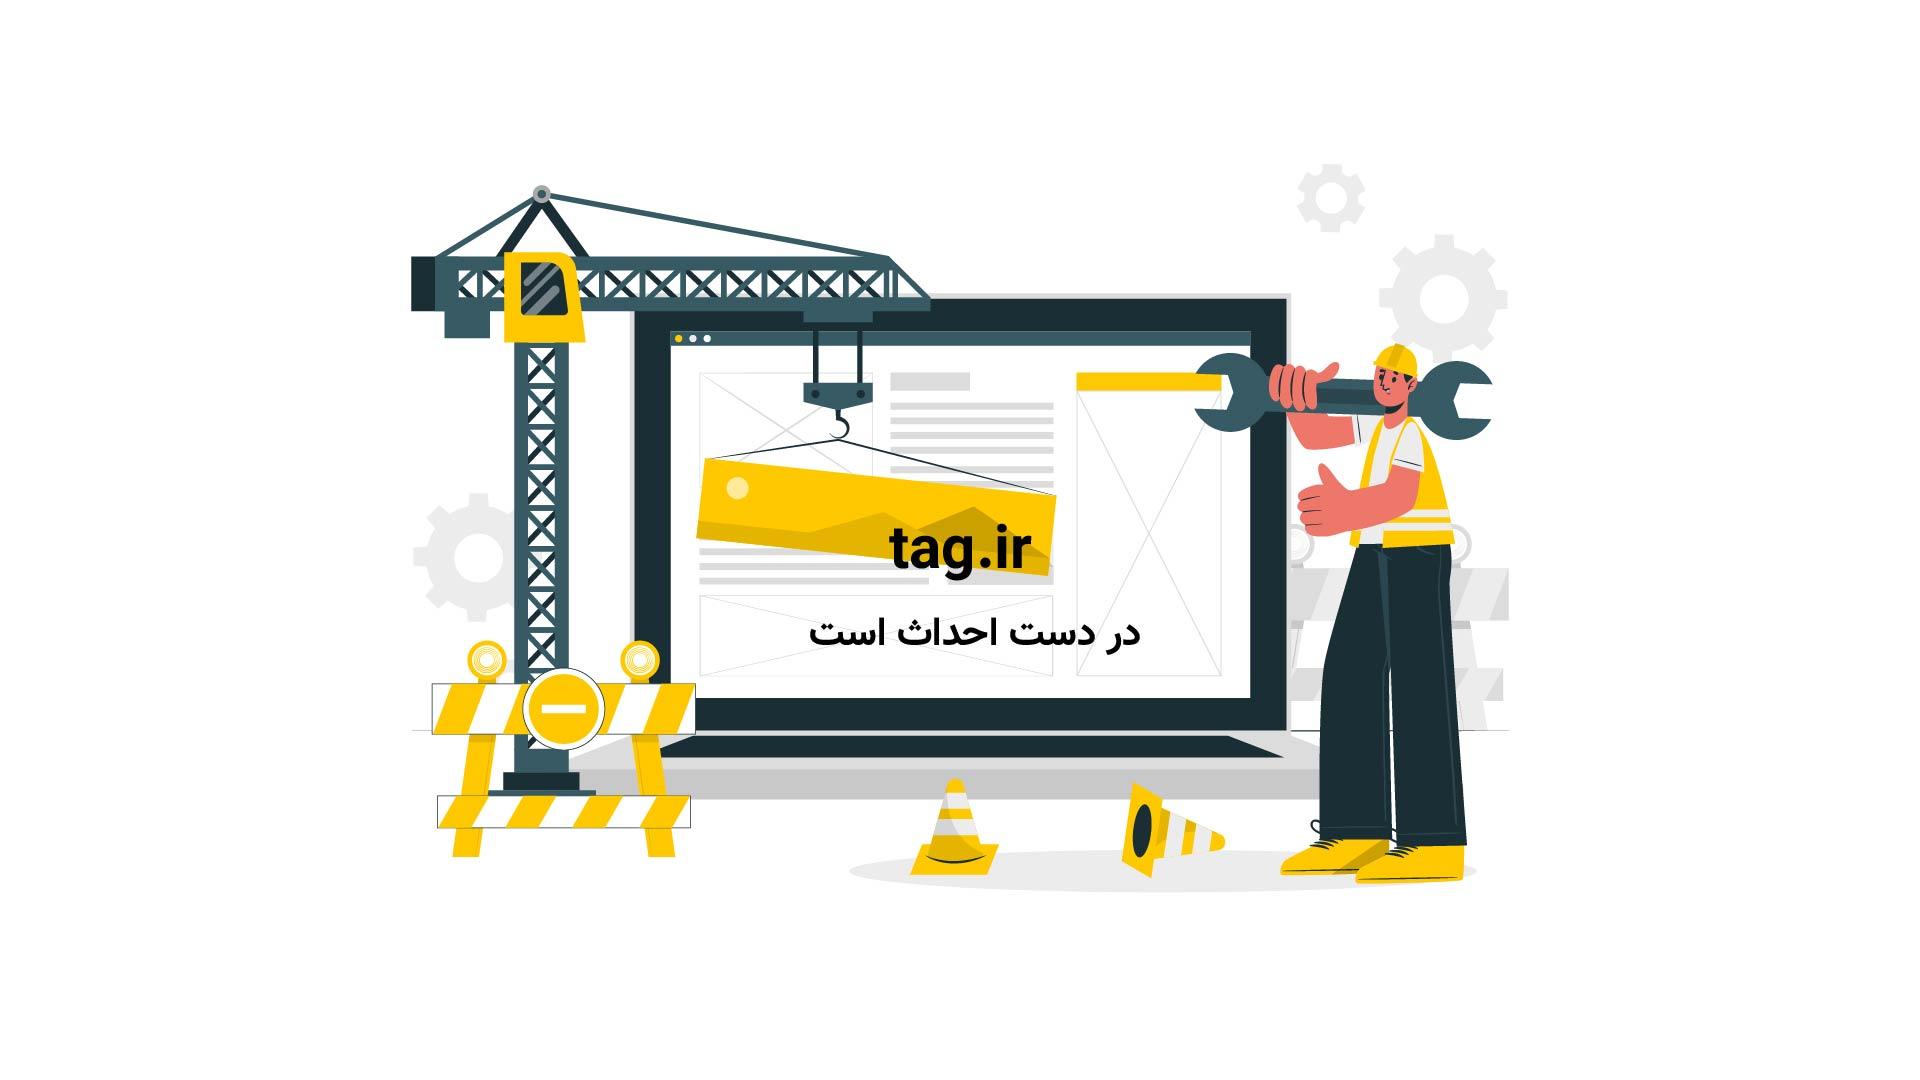 رونمایی از اولین ربات تیرانداز در روسیه   فیلم